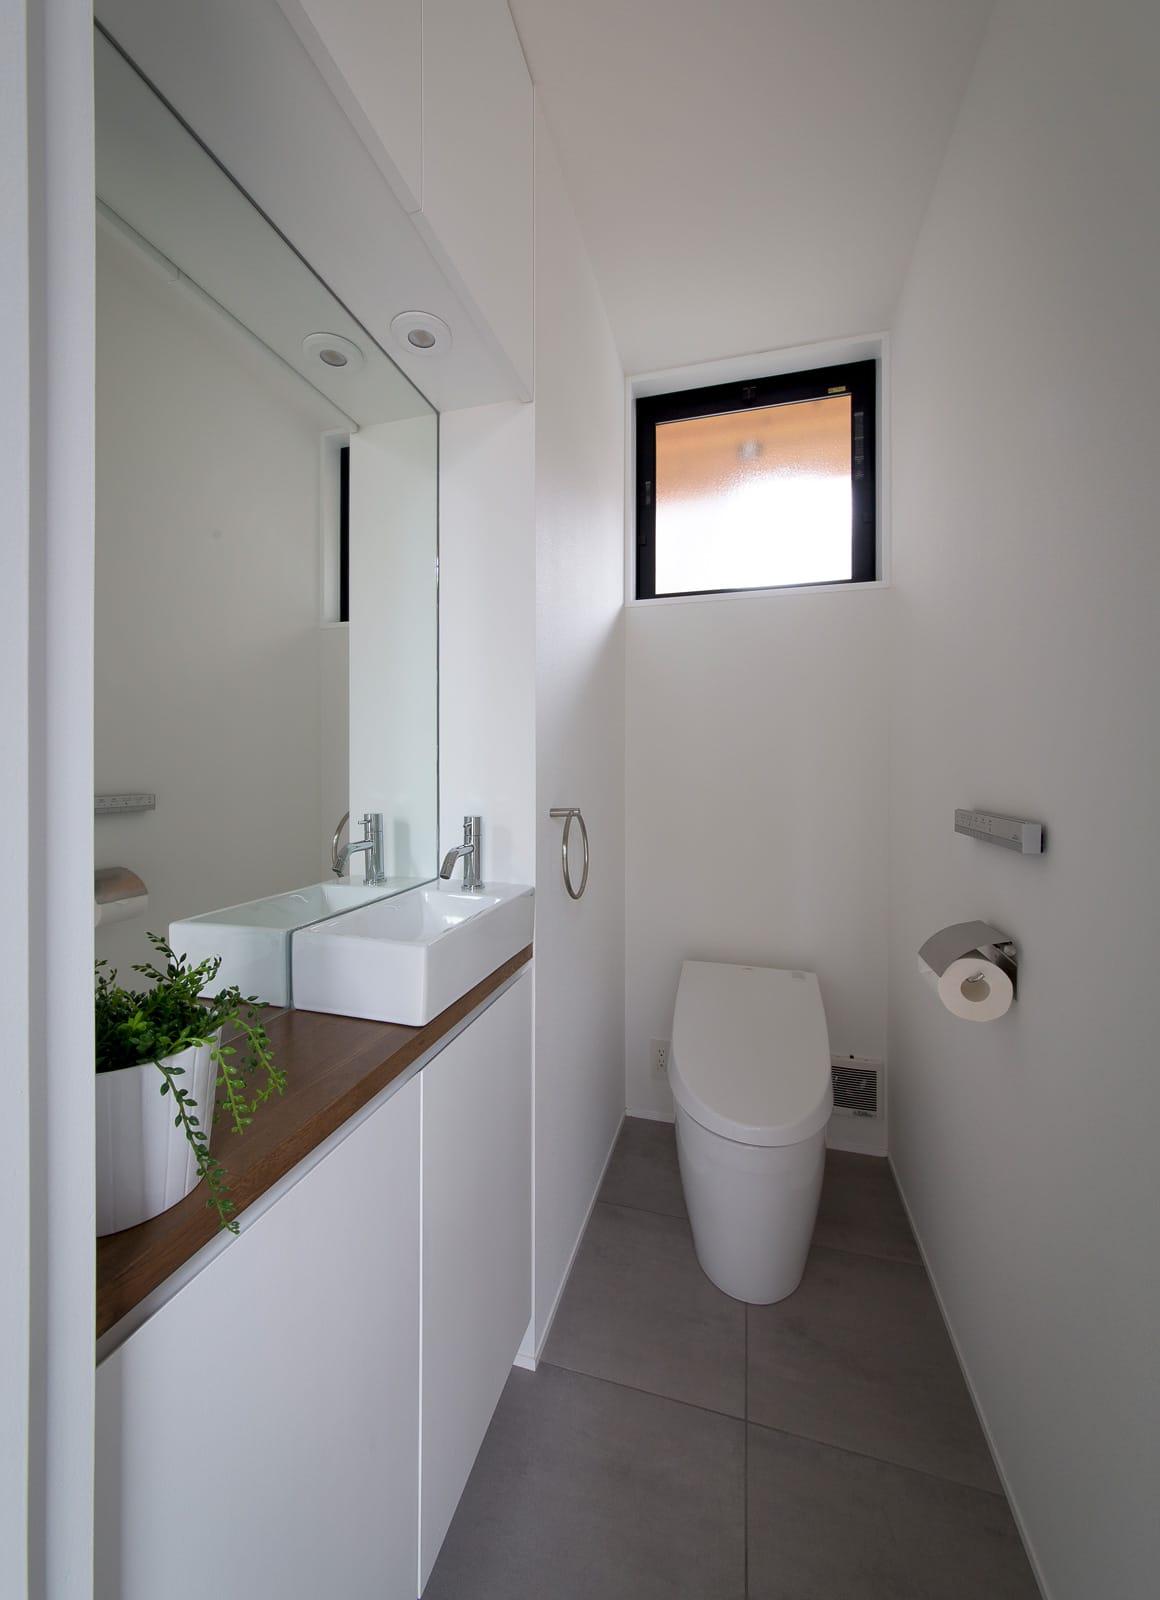 ノスタルジックグリーンハウスのトイレ1